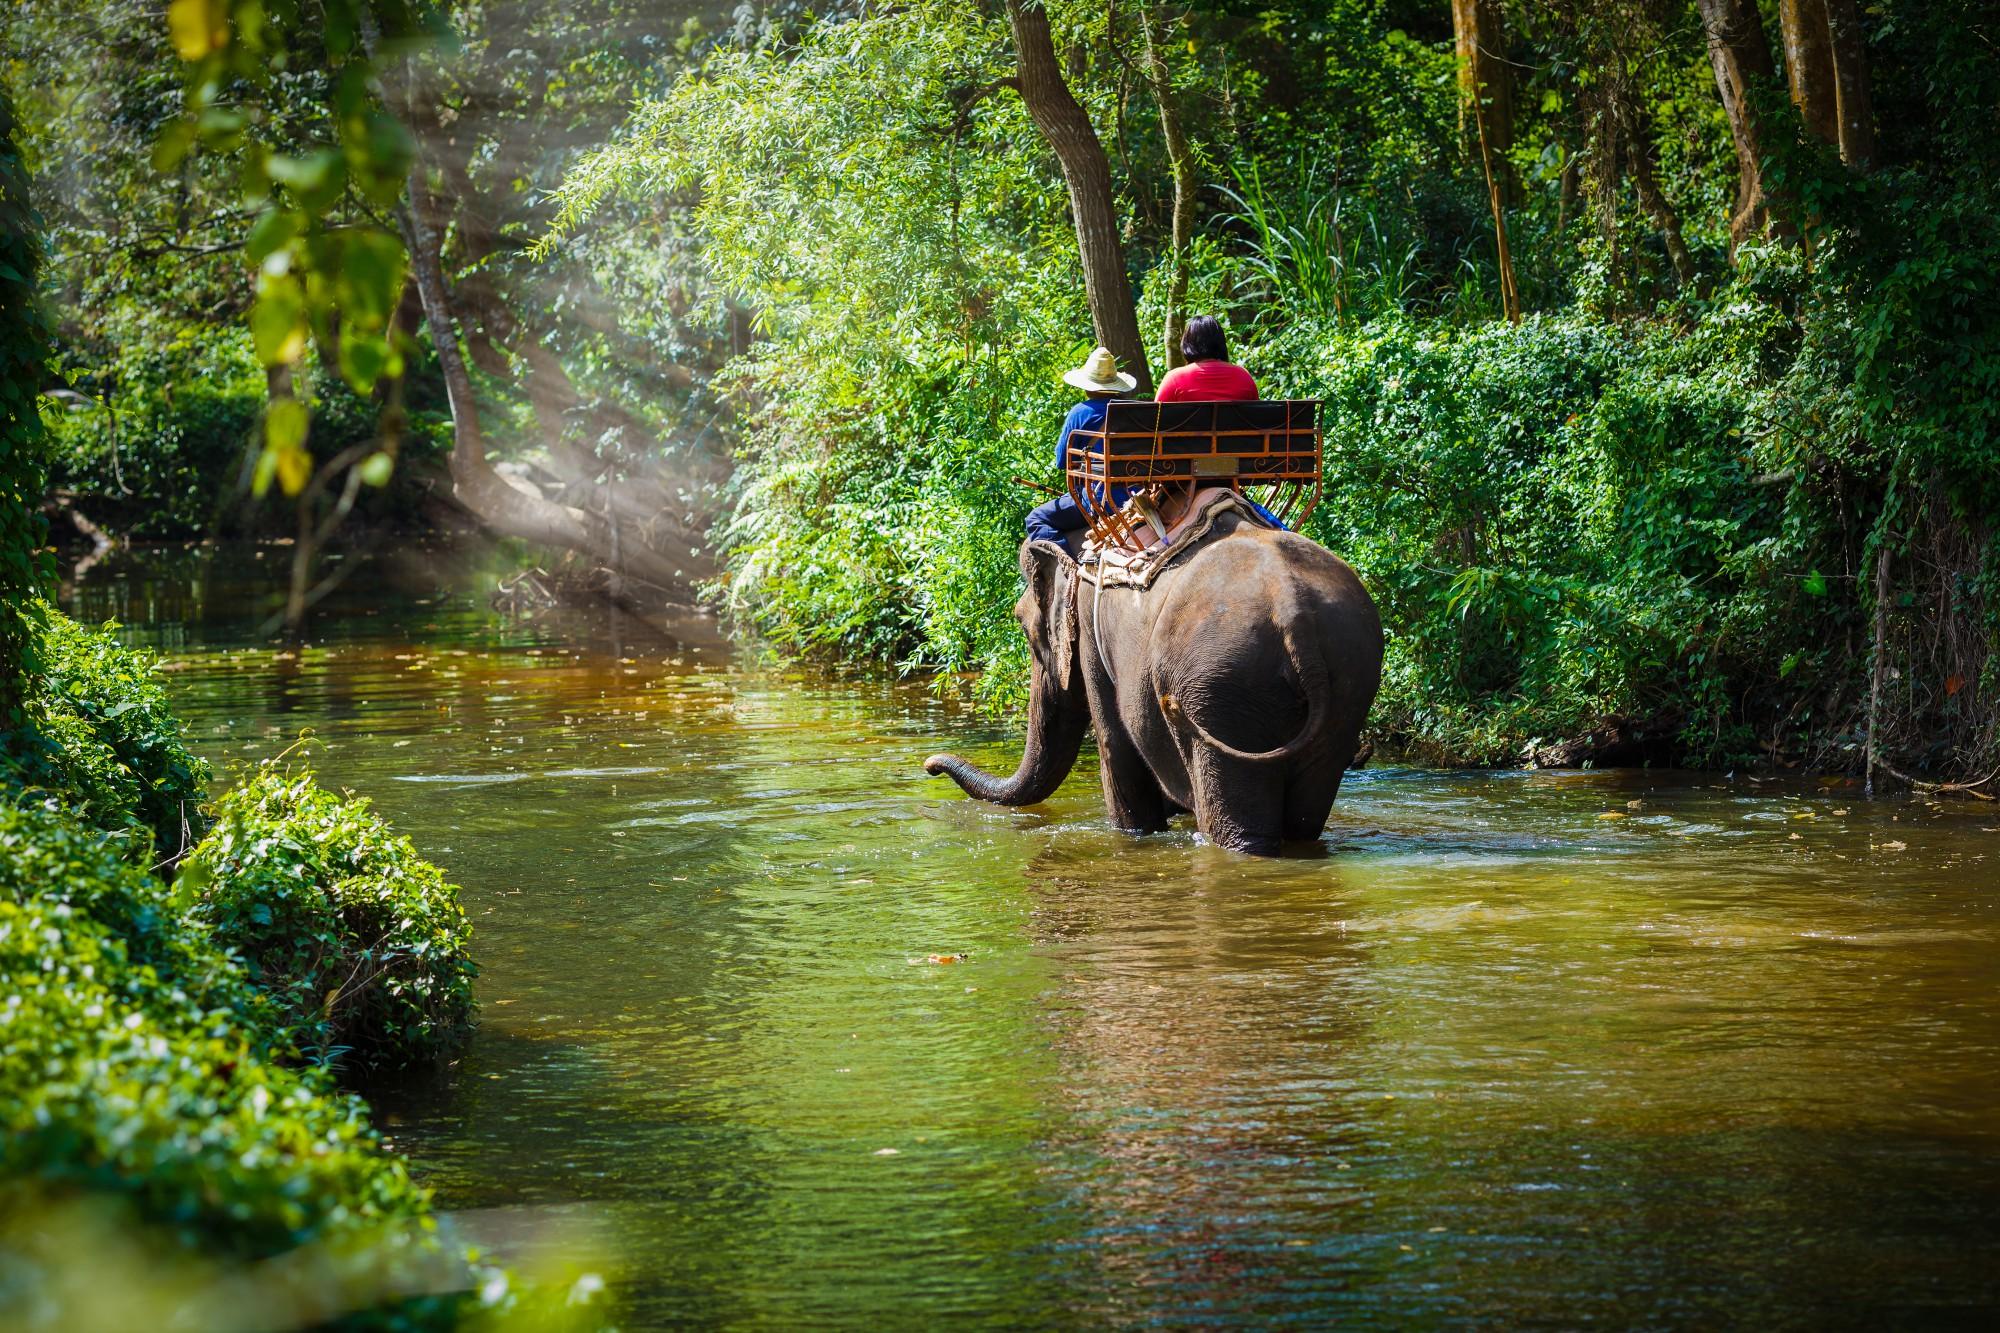 Vítejte v nádherné přírodě severního Thajska